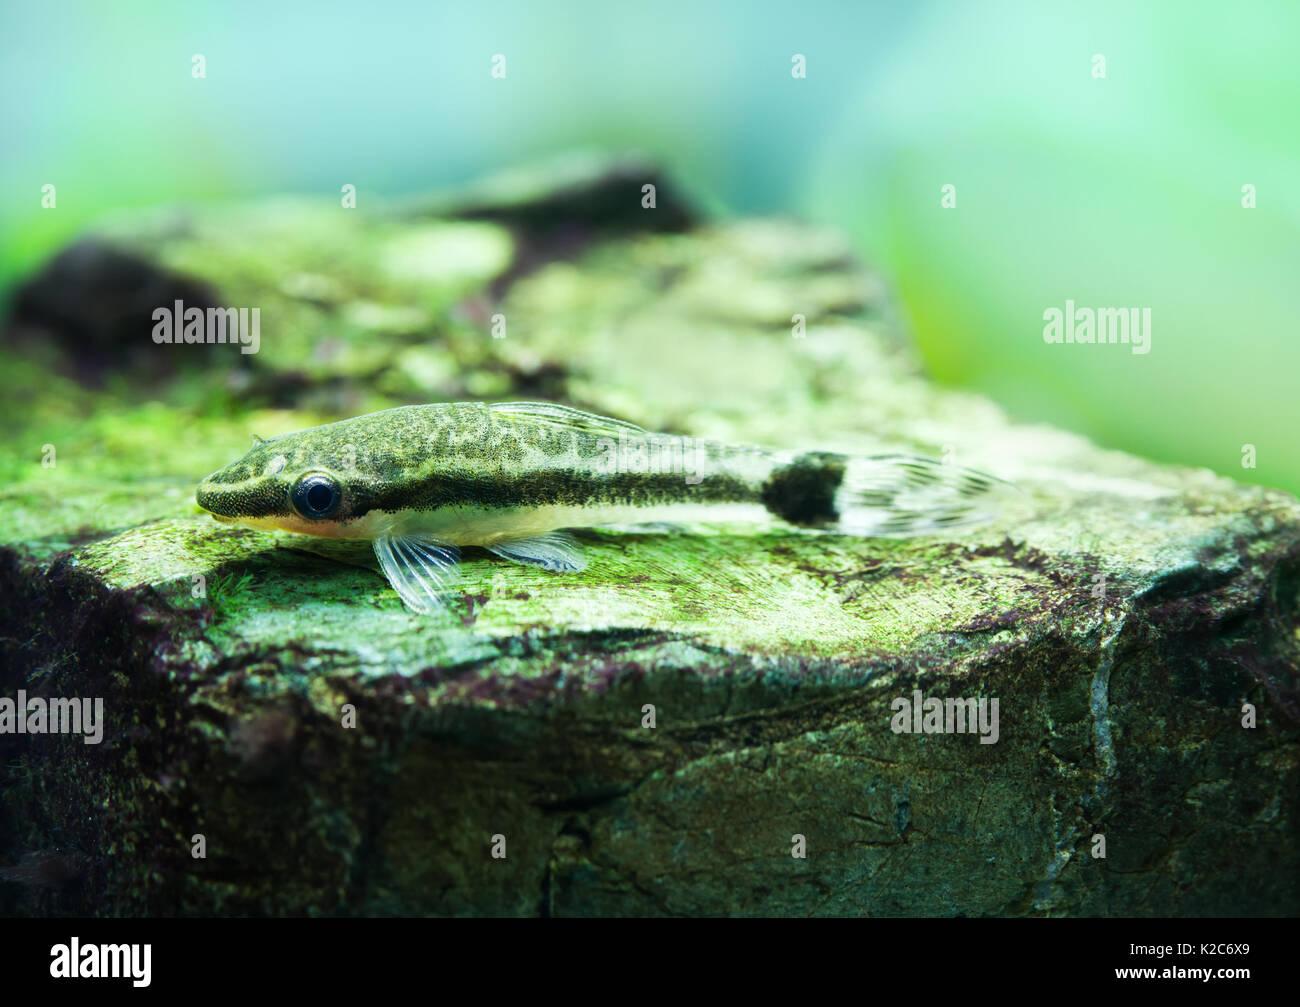 Otocinclus macrospilus vitattus pesci. Armored oto catfish dwarf sucker. Perfetto mangiatore di alghe. vista macro, soft focus. Immagini Stock